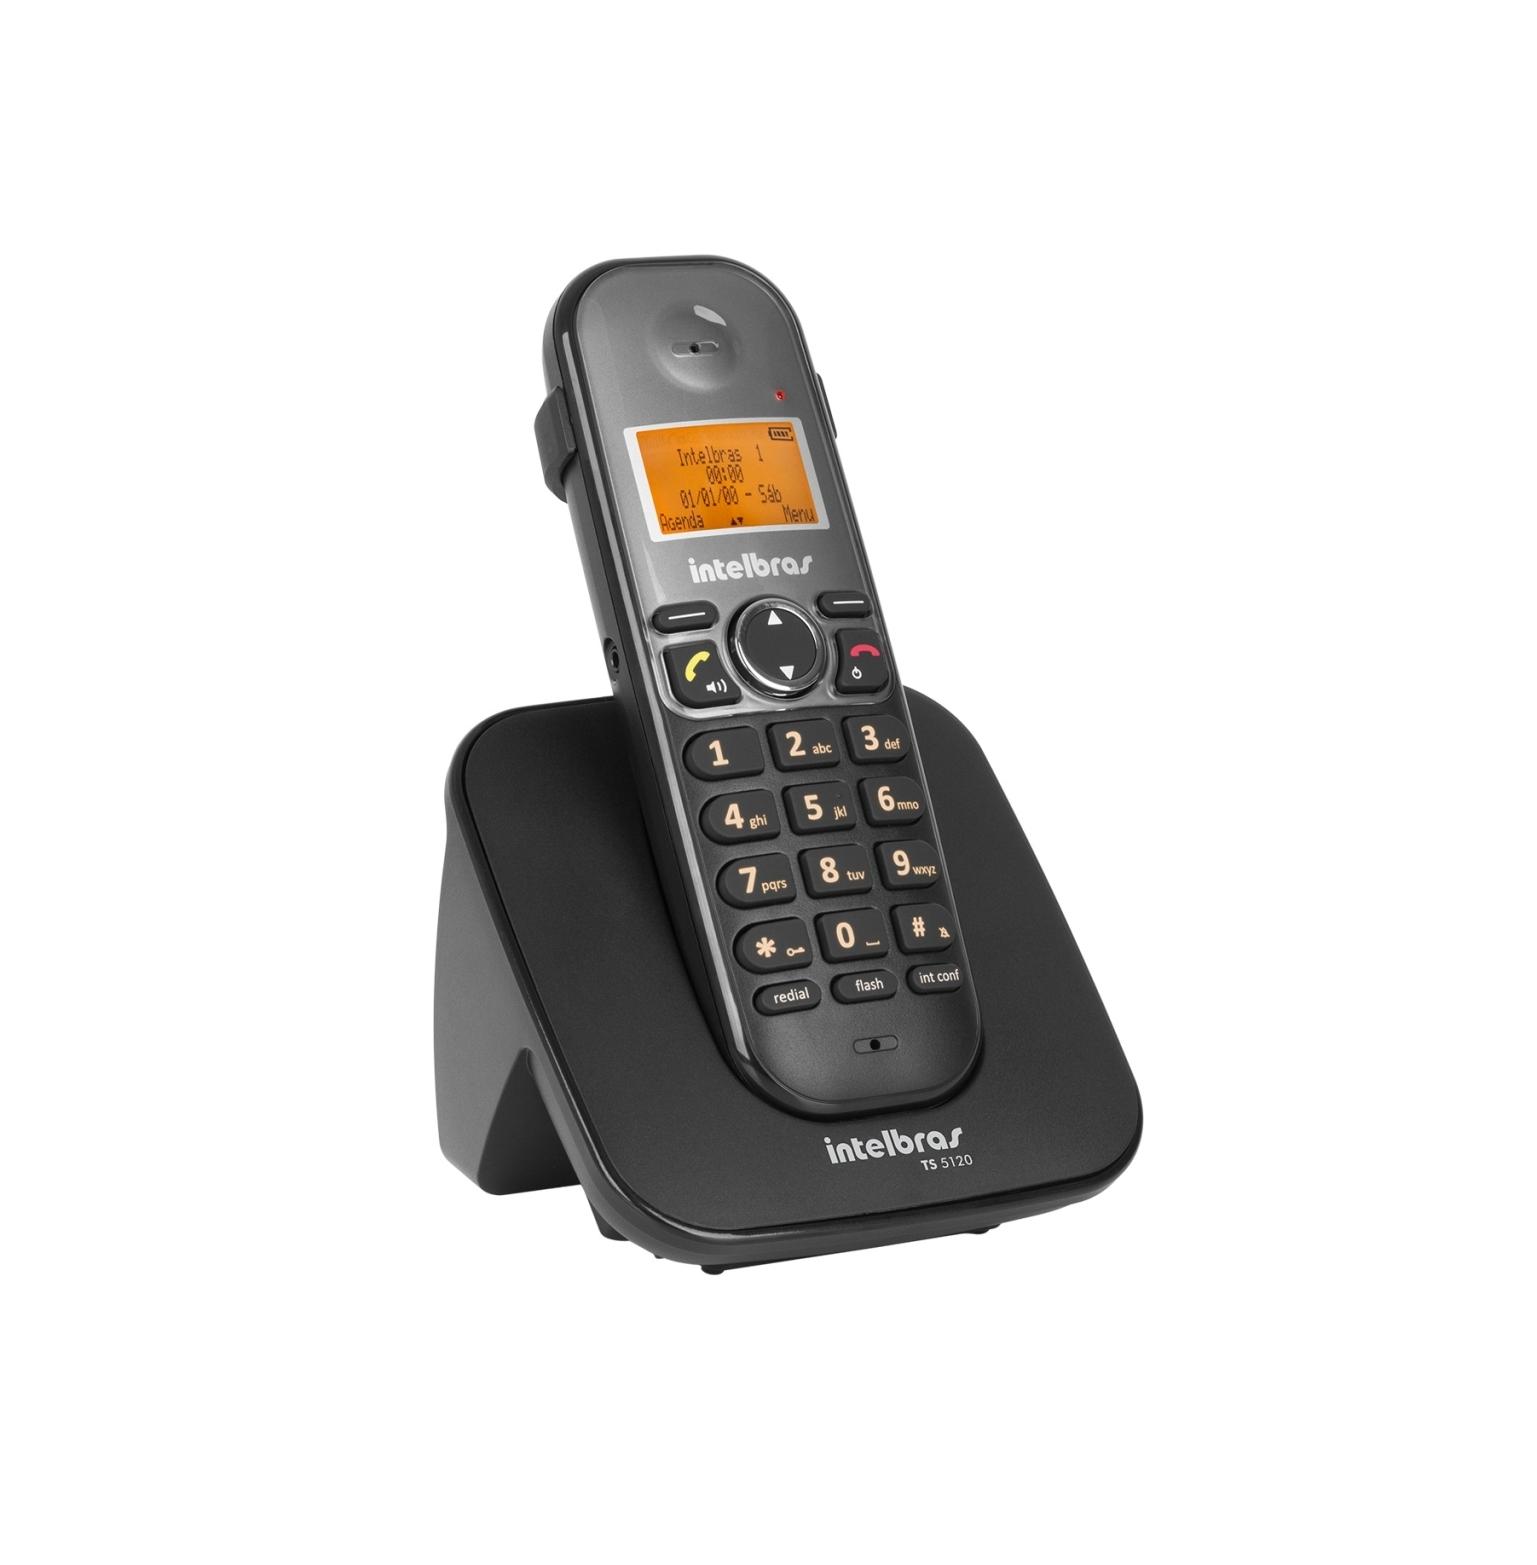 TELEFONE S/ FIO TS5120